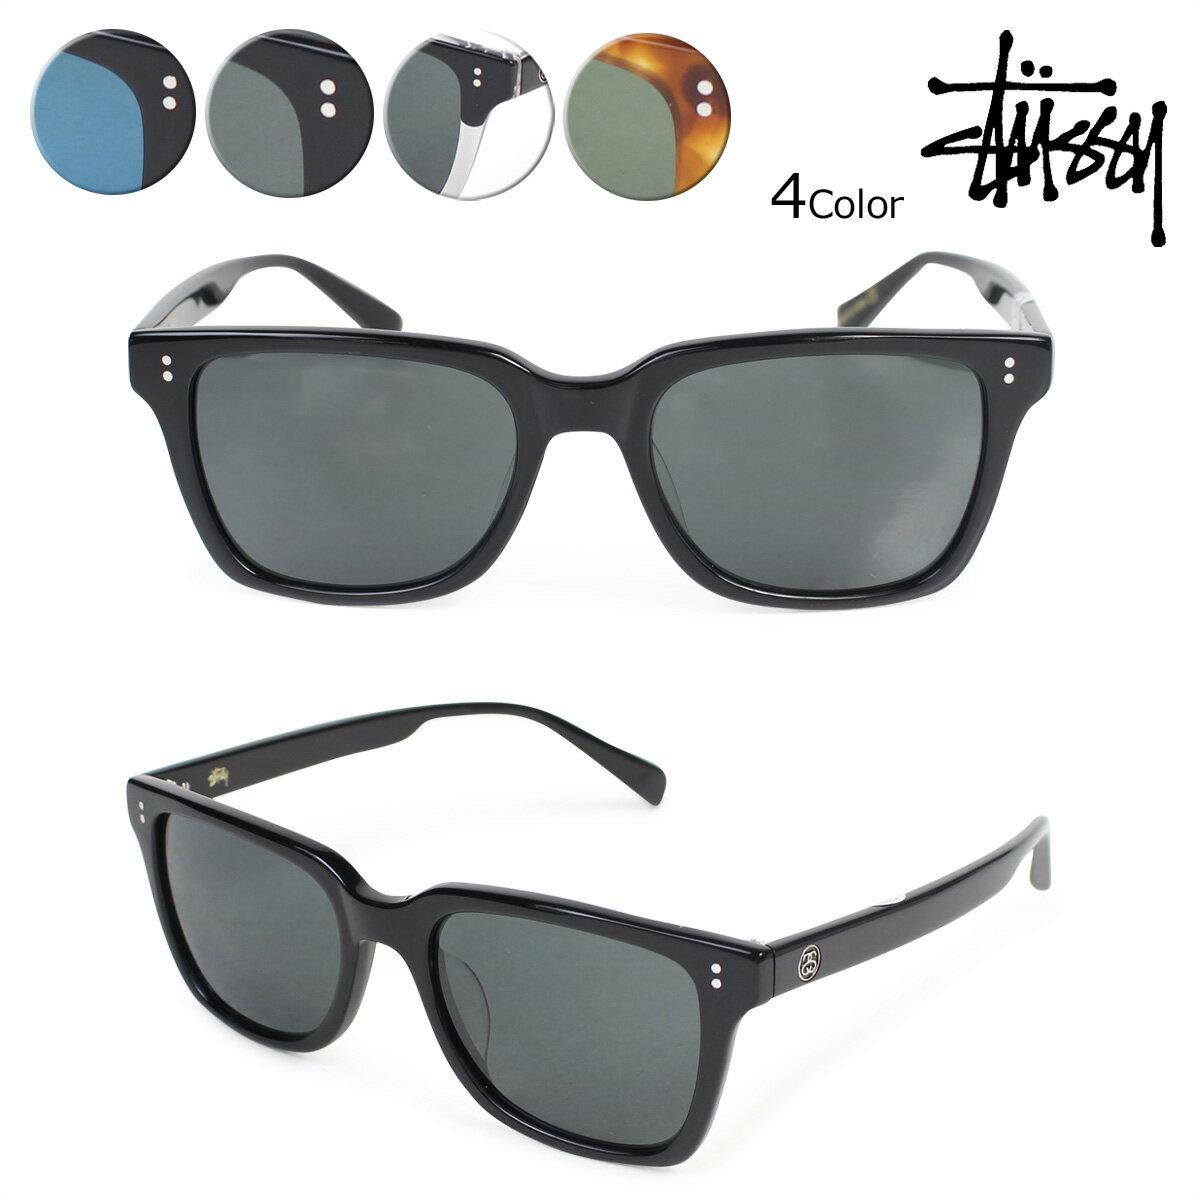 ステューシー STUSSY サングラス メンズ レディース UV カット アンジェロ ANGELO EYEGEAR 140014 4カラー 【決算セール】